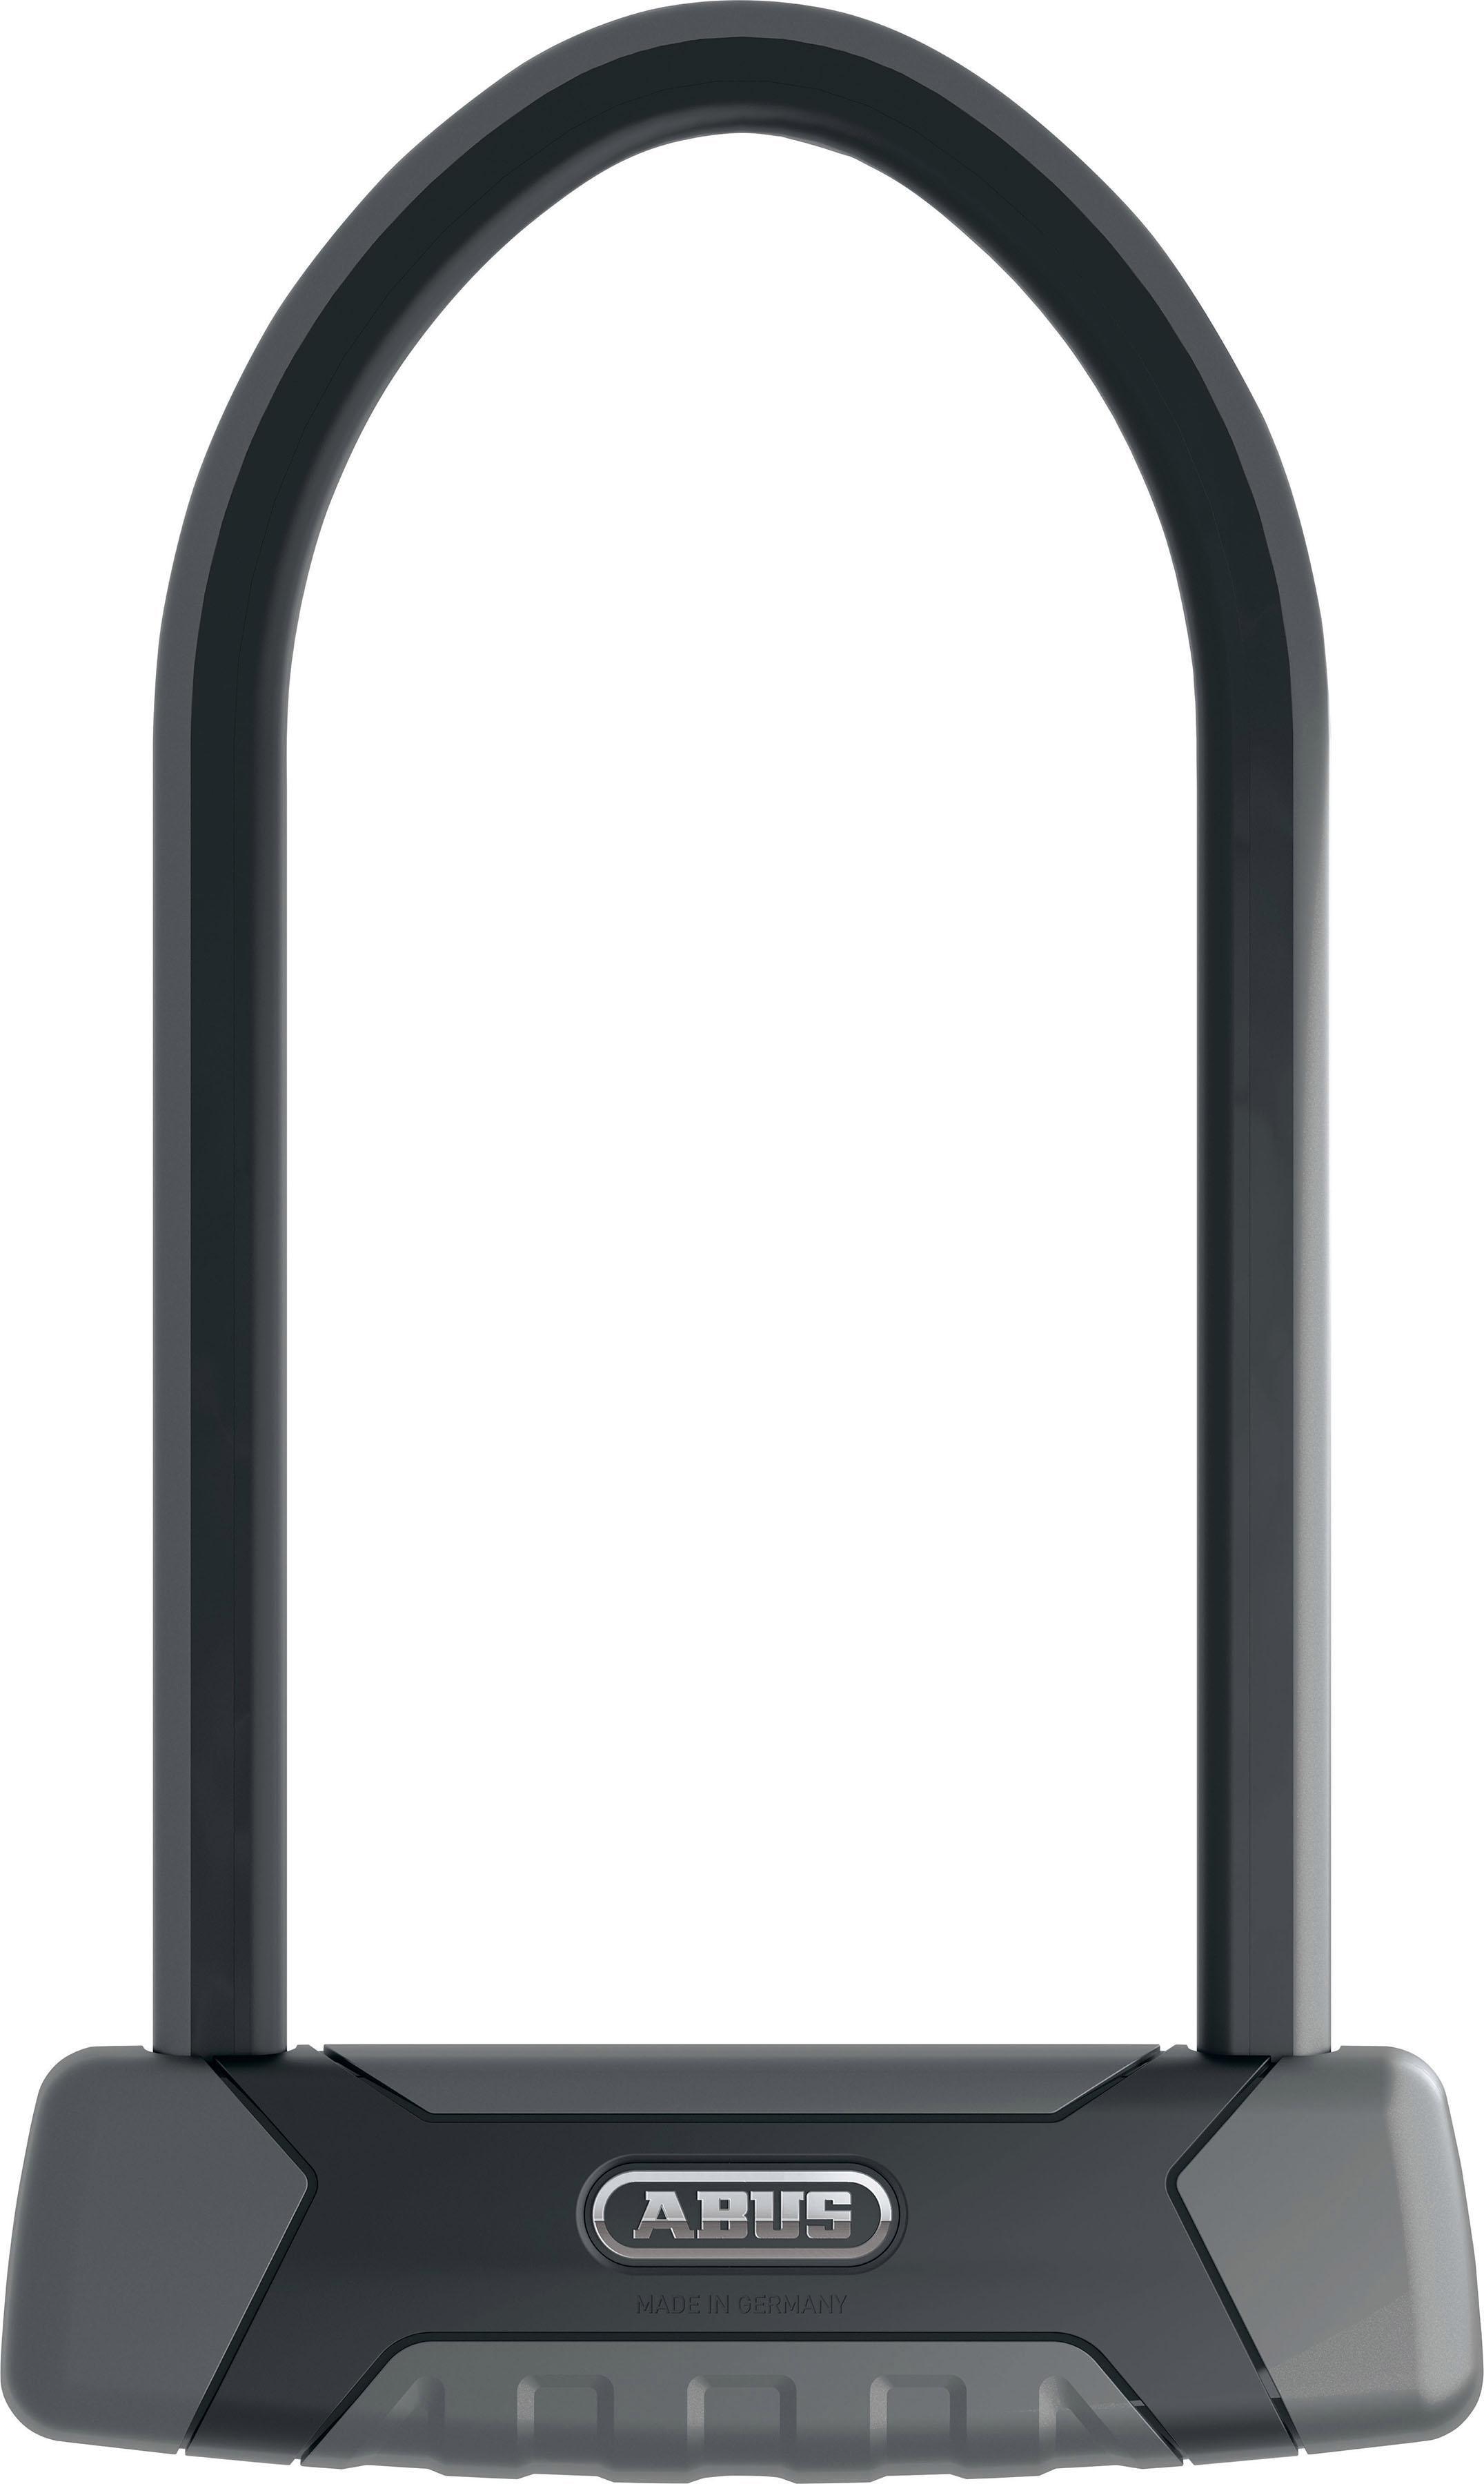 ABUS Bügelschloss 540/160HB300+EaZy KF (6-tlg mit Halterung) Technik & Freizeit/Sport & Freizeit/Fahrräder & Zubehör/Fahrradzubehör/Fahrradschlösser/Bügelschlösser